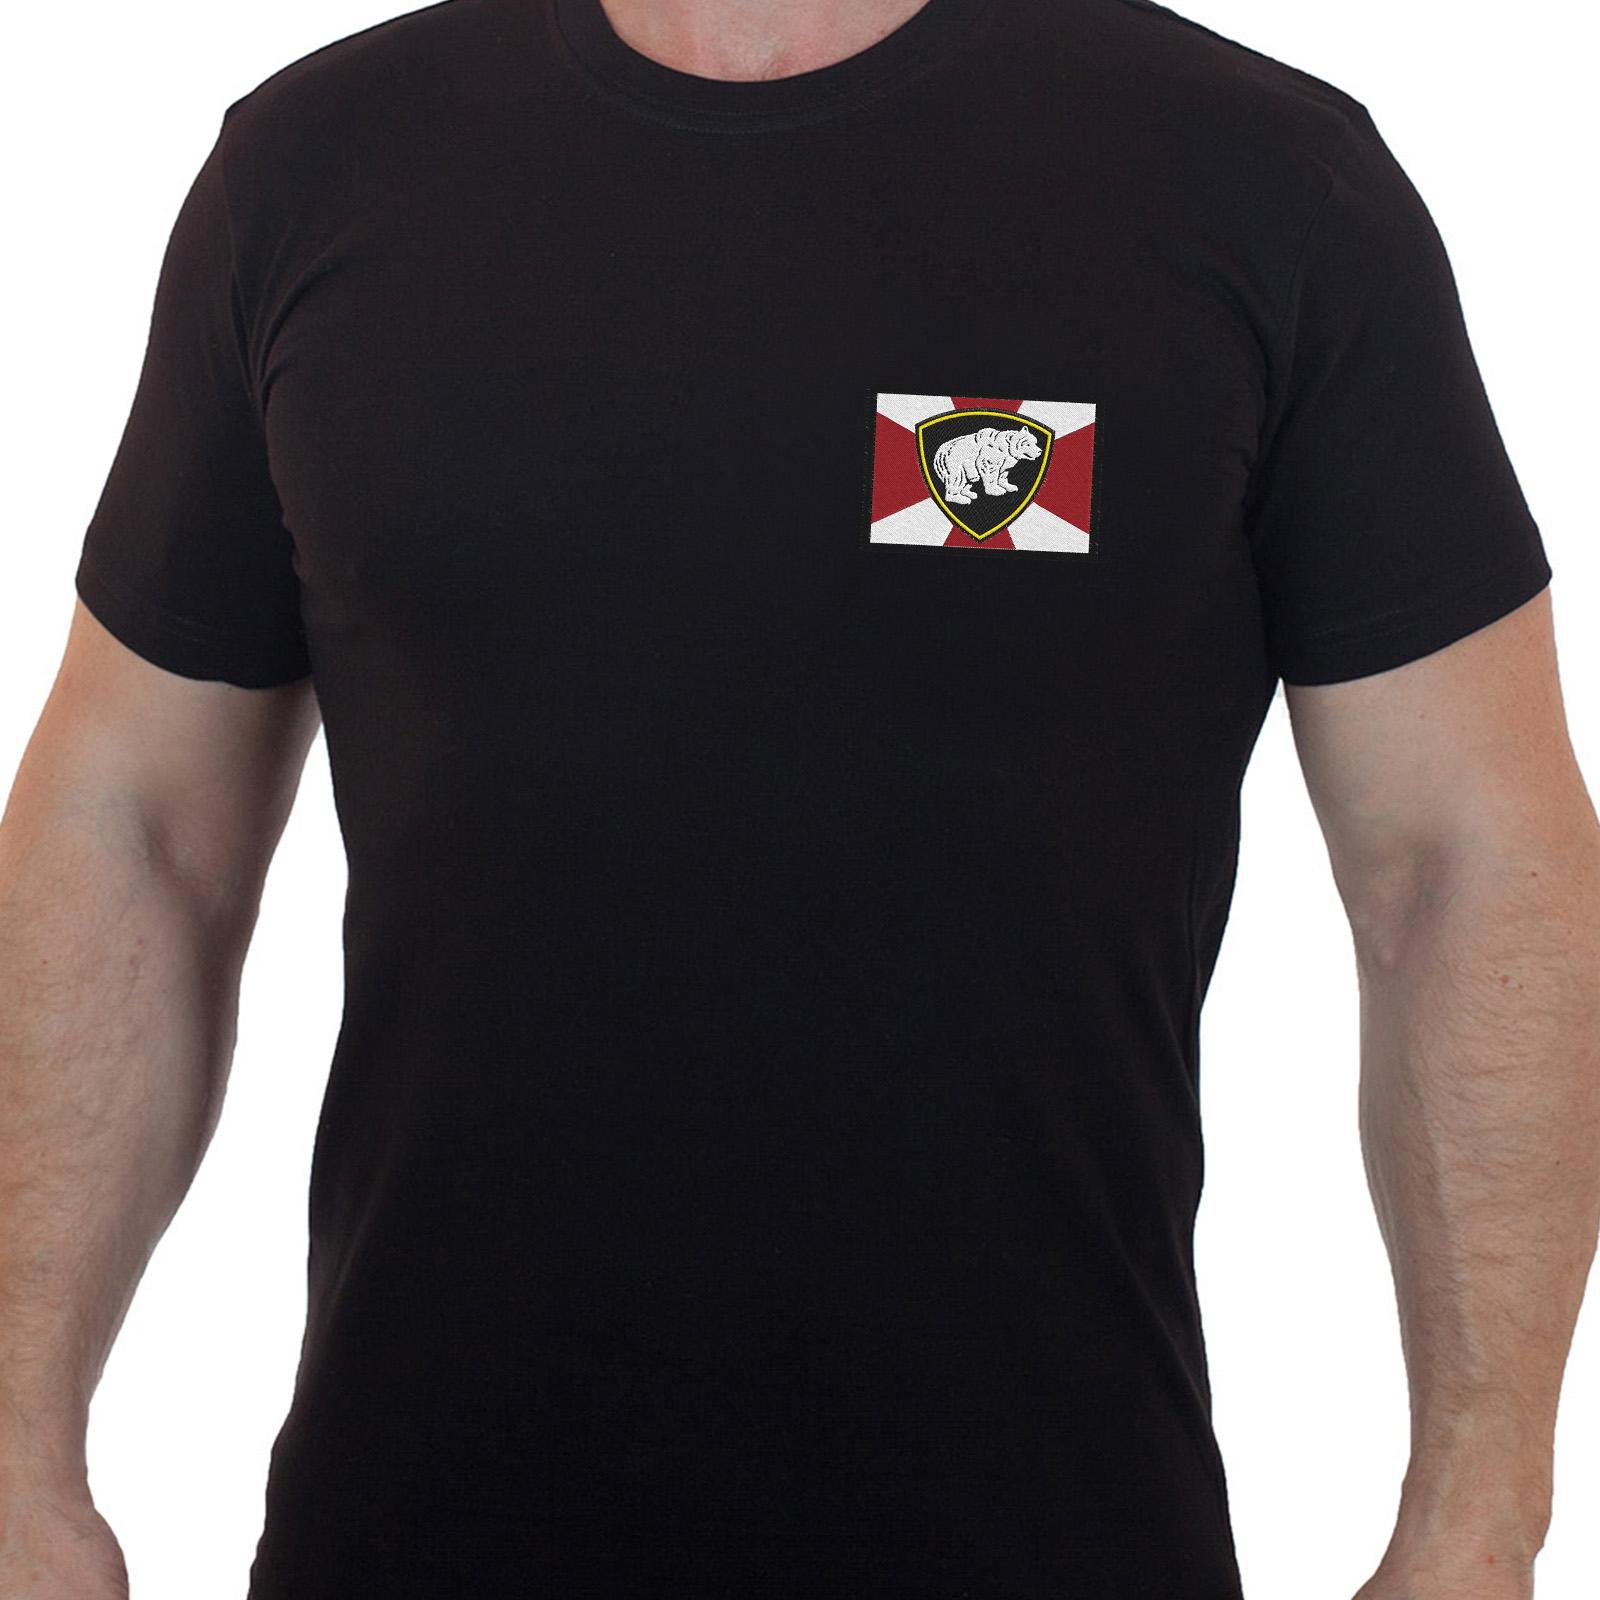 Строгая мужская футболка с вышитым шевроном Сибирский округ МВД